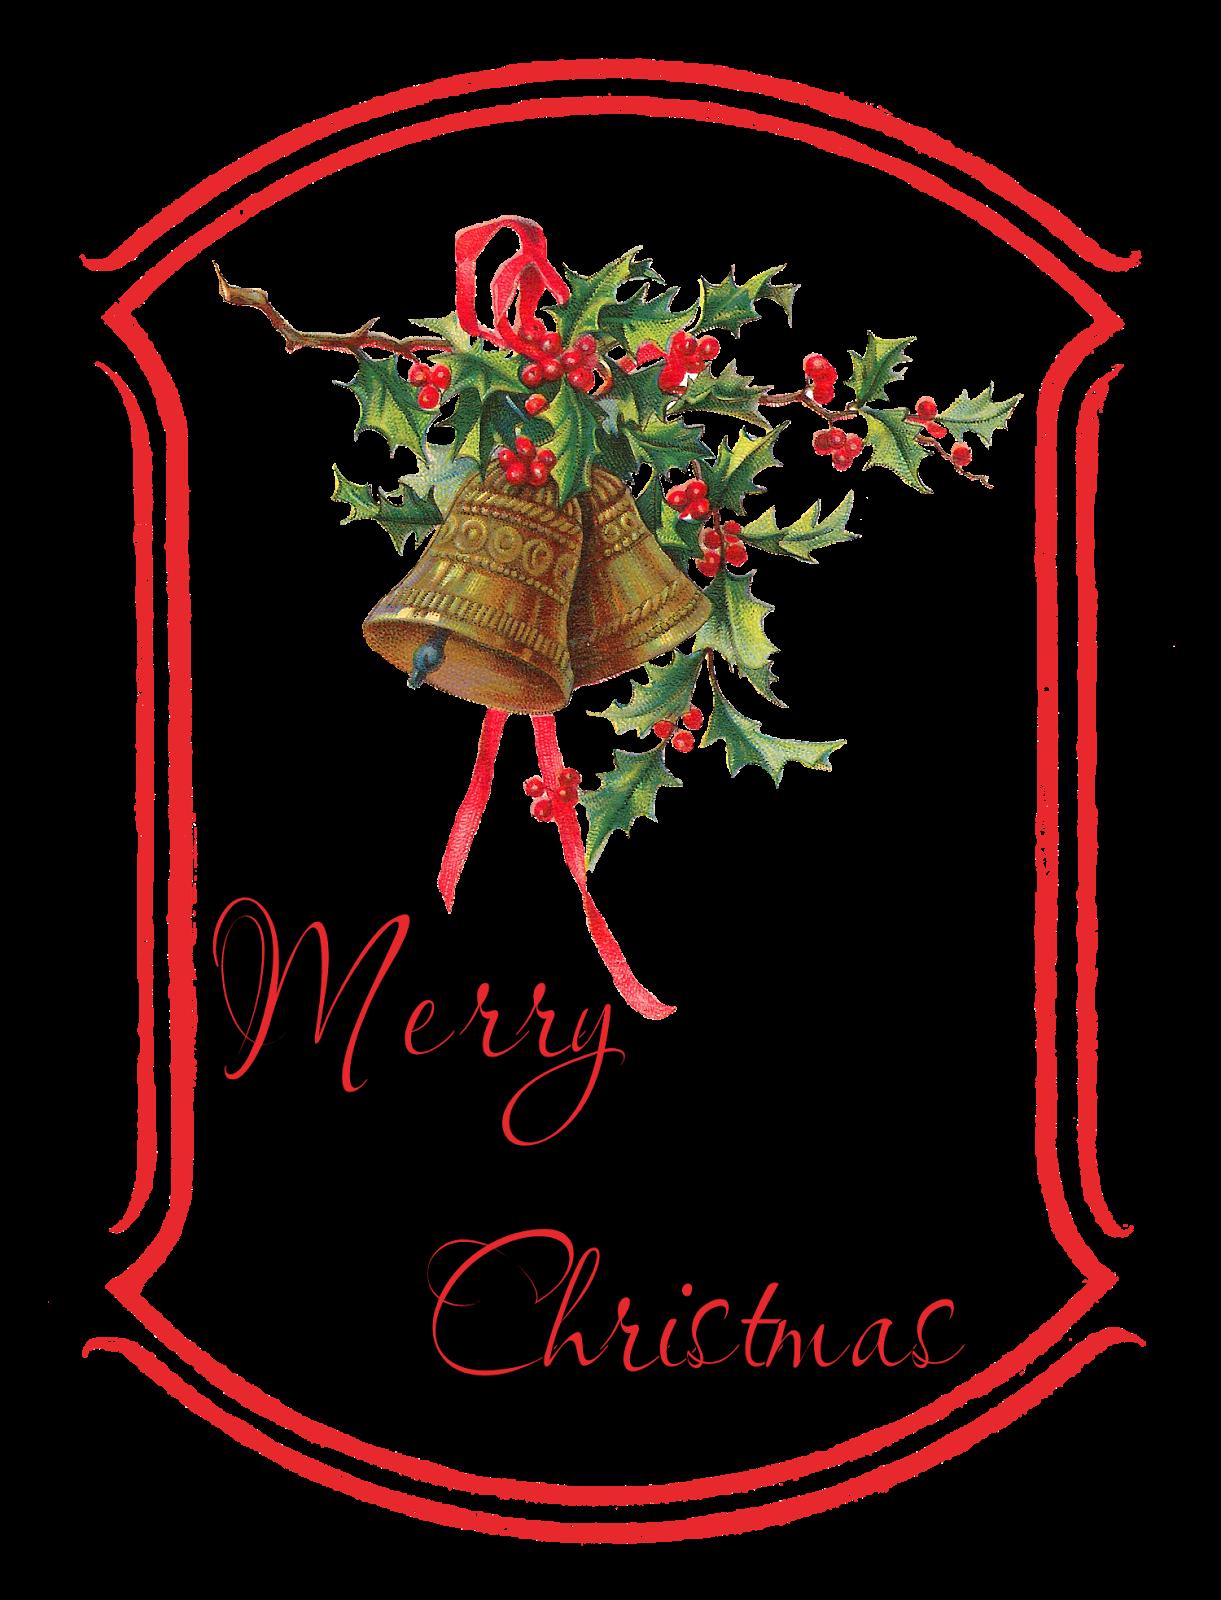 Christmas tag clipart image freeuse stock The Graphics Monarch: Printable Christmas Holly Gift Tag Digital ... image freeuse stock